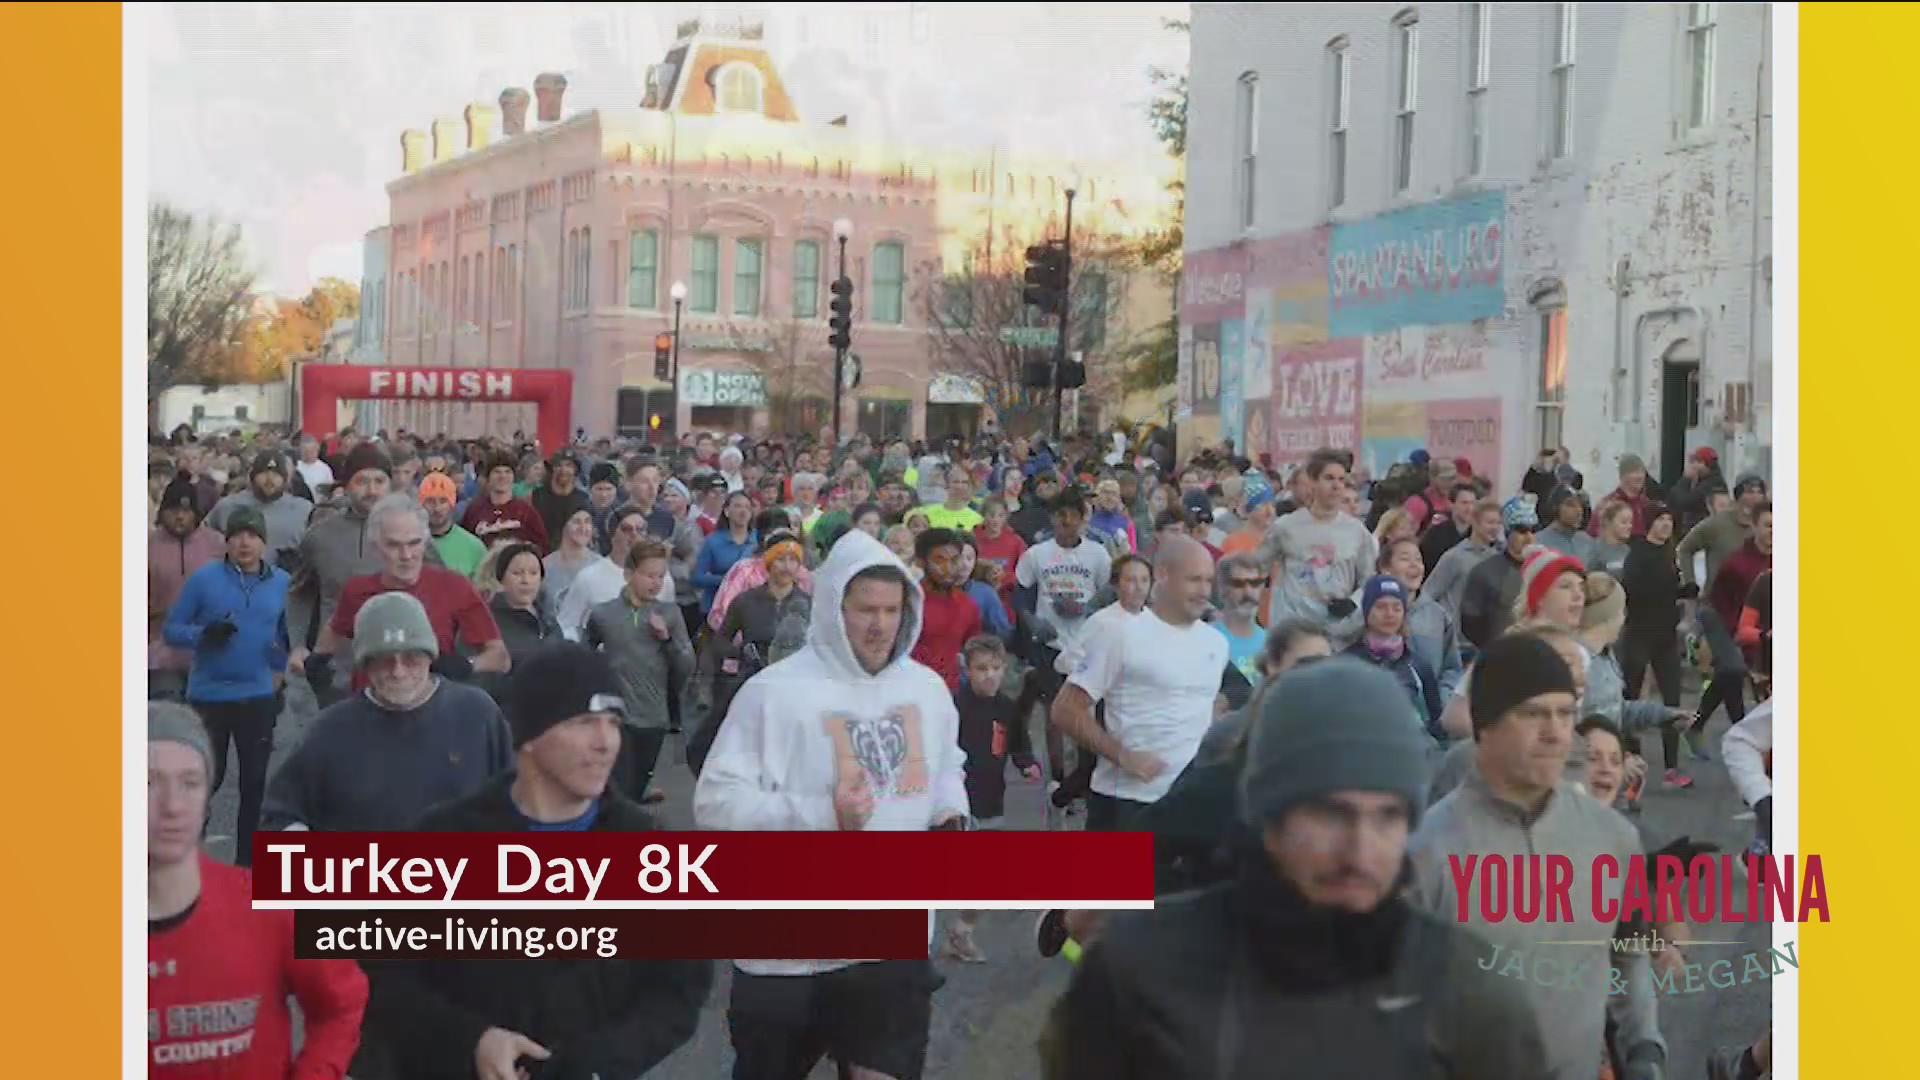 15th Annual Turkey Day 8K